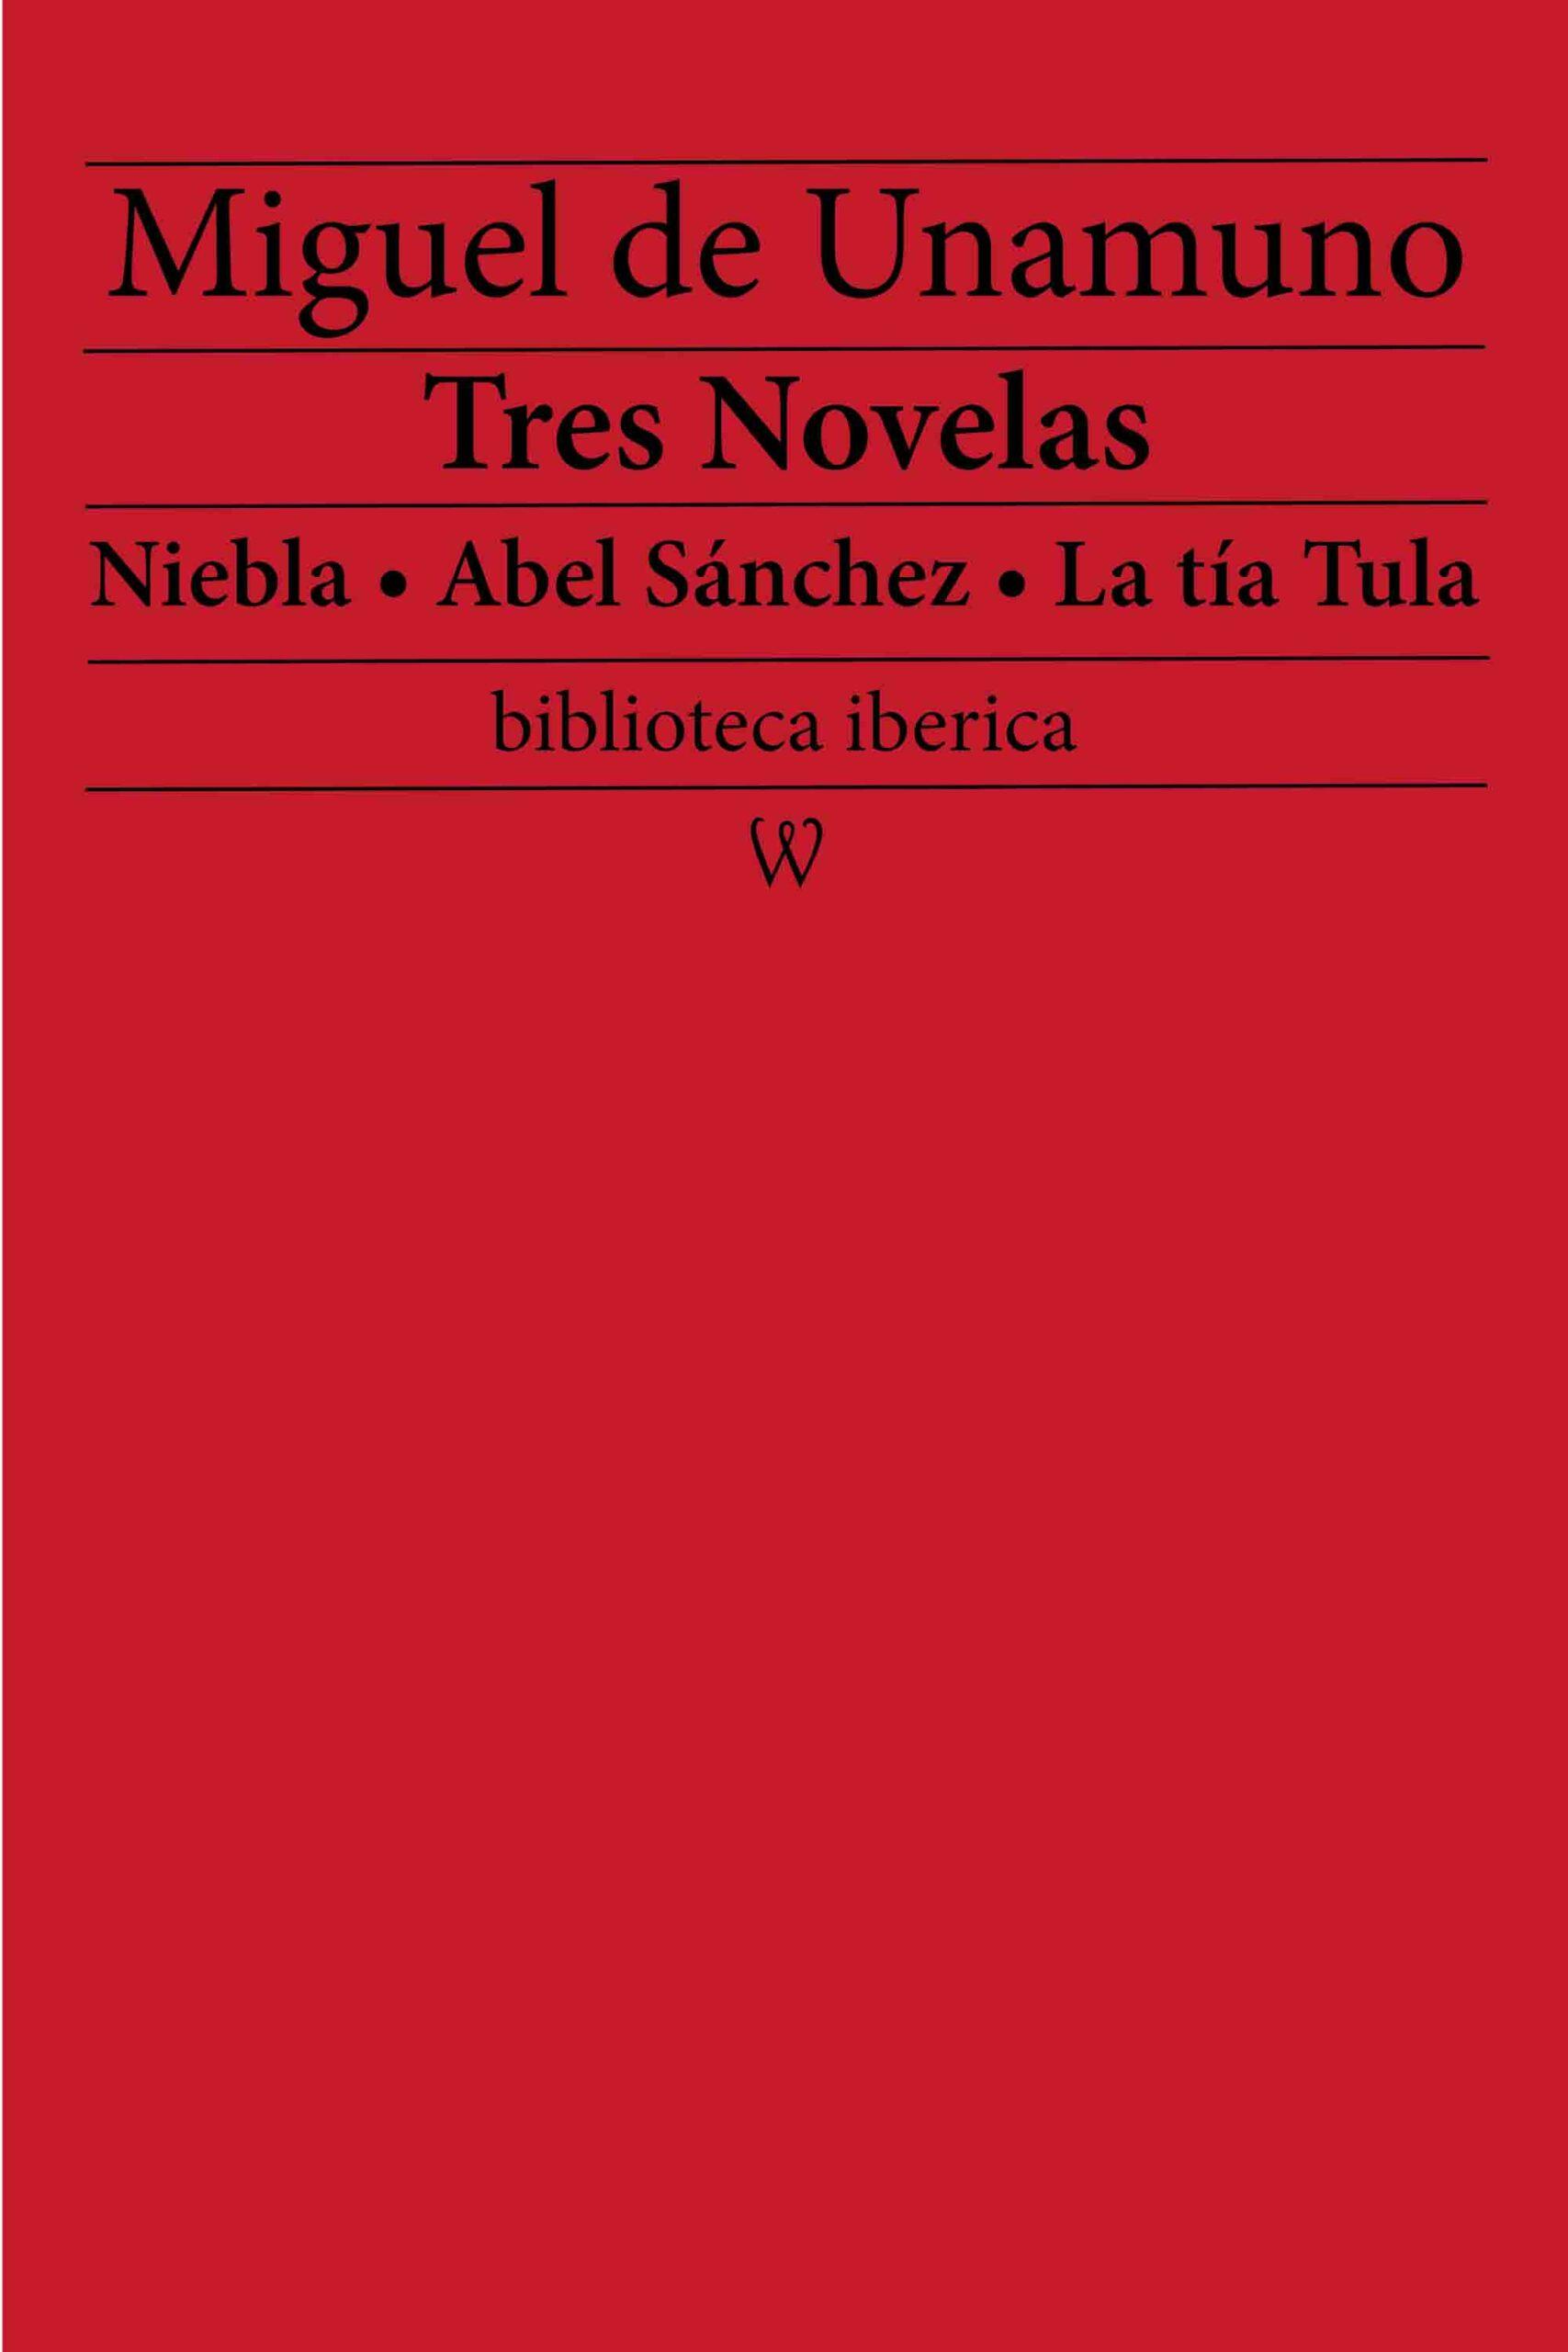 Tres Novelas: Niebla • Abel Sánchez • La tía Tula